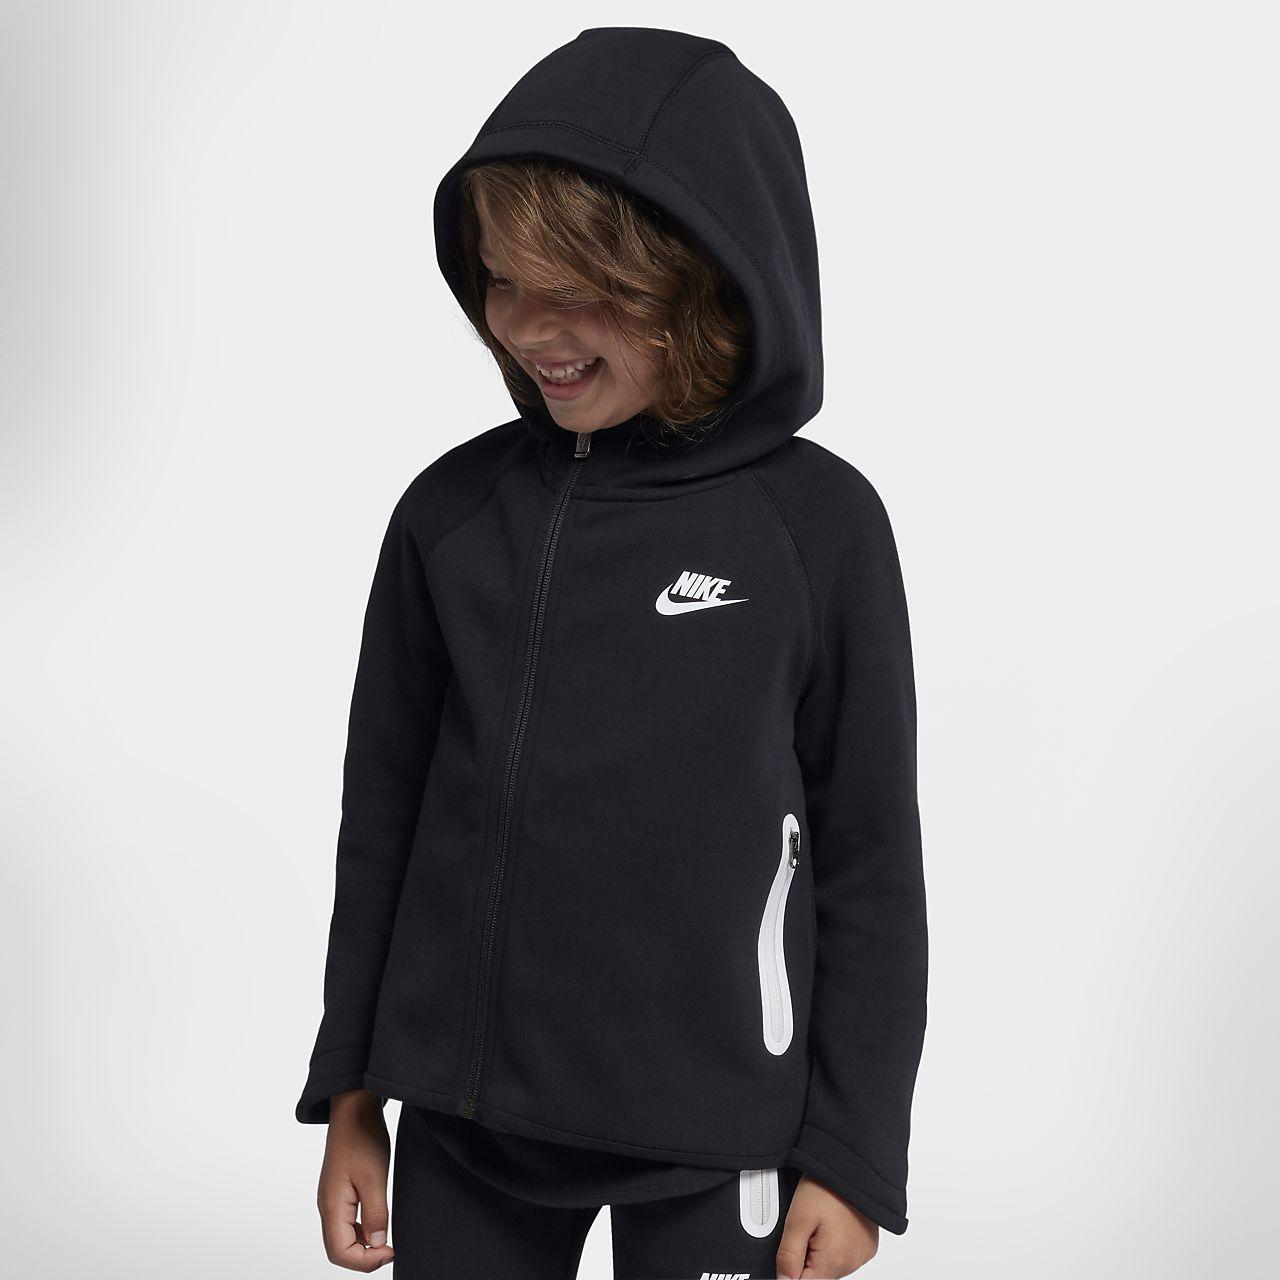 8080511d58d3e ... Hoodie com fecho completo Nike Sportswear Tech Fleece para criança